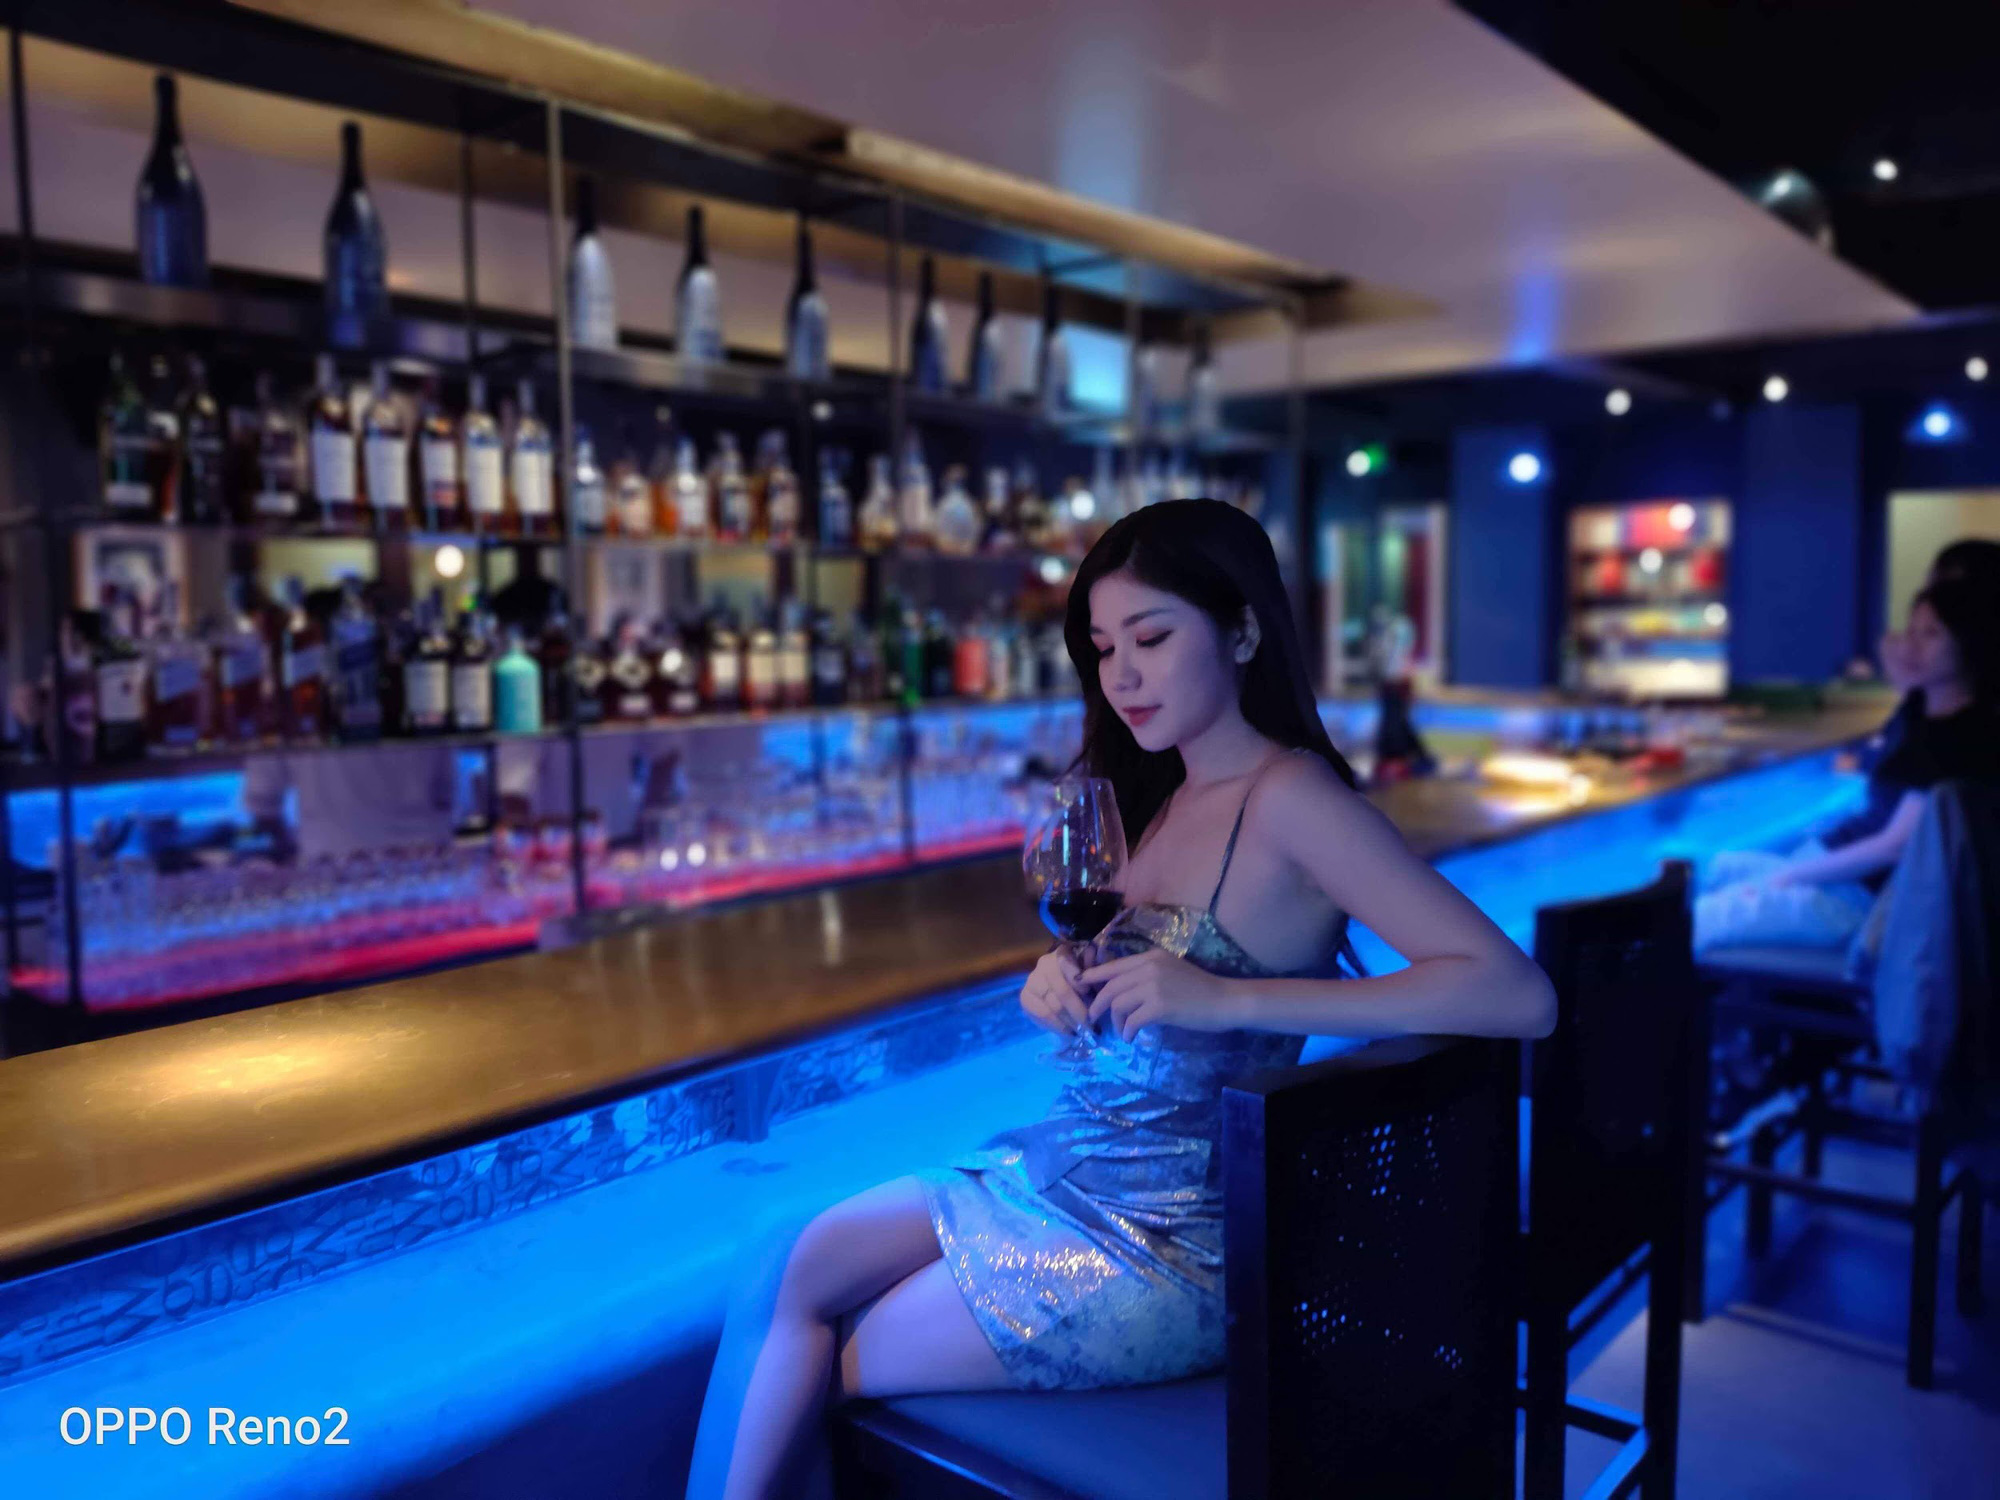 Cảnh quen Hà Nội - Sài Gòn bỗng chốc hóa đẹp lạ qua ống kính của An Japan, Phí Phương Anh - Ảnh 8.